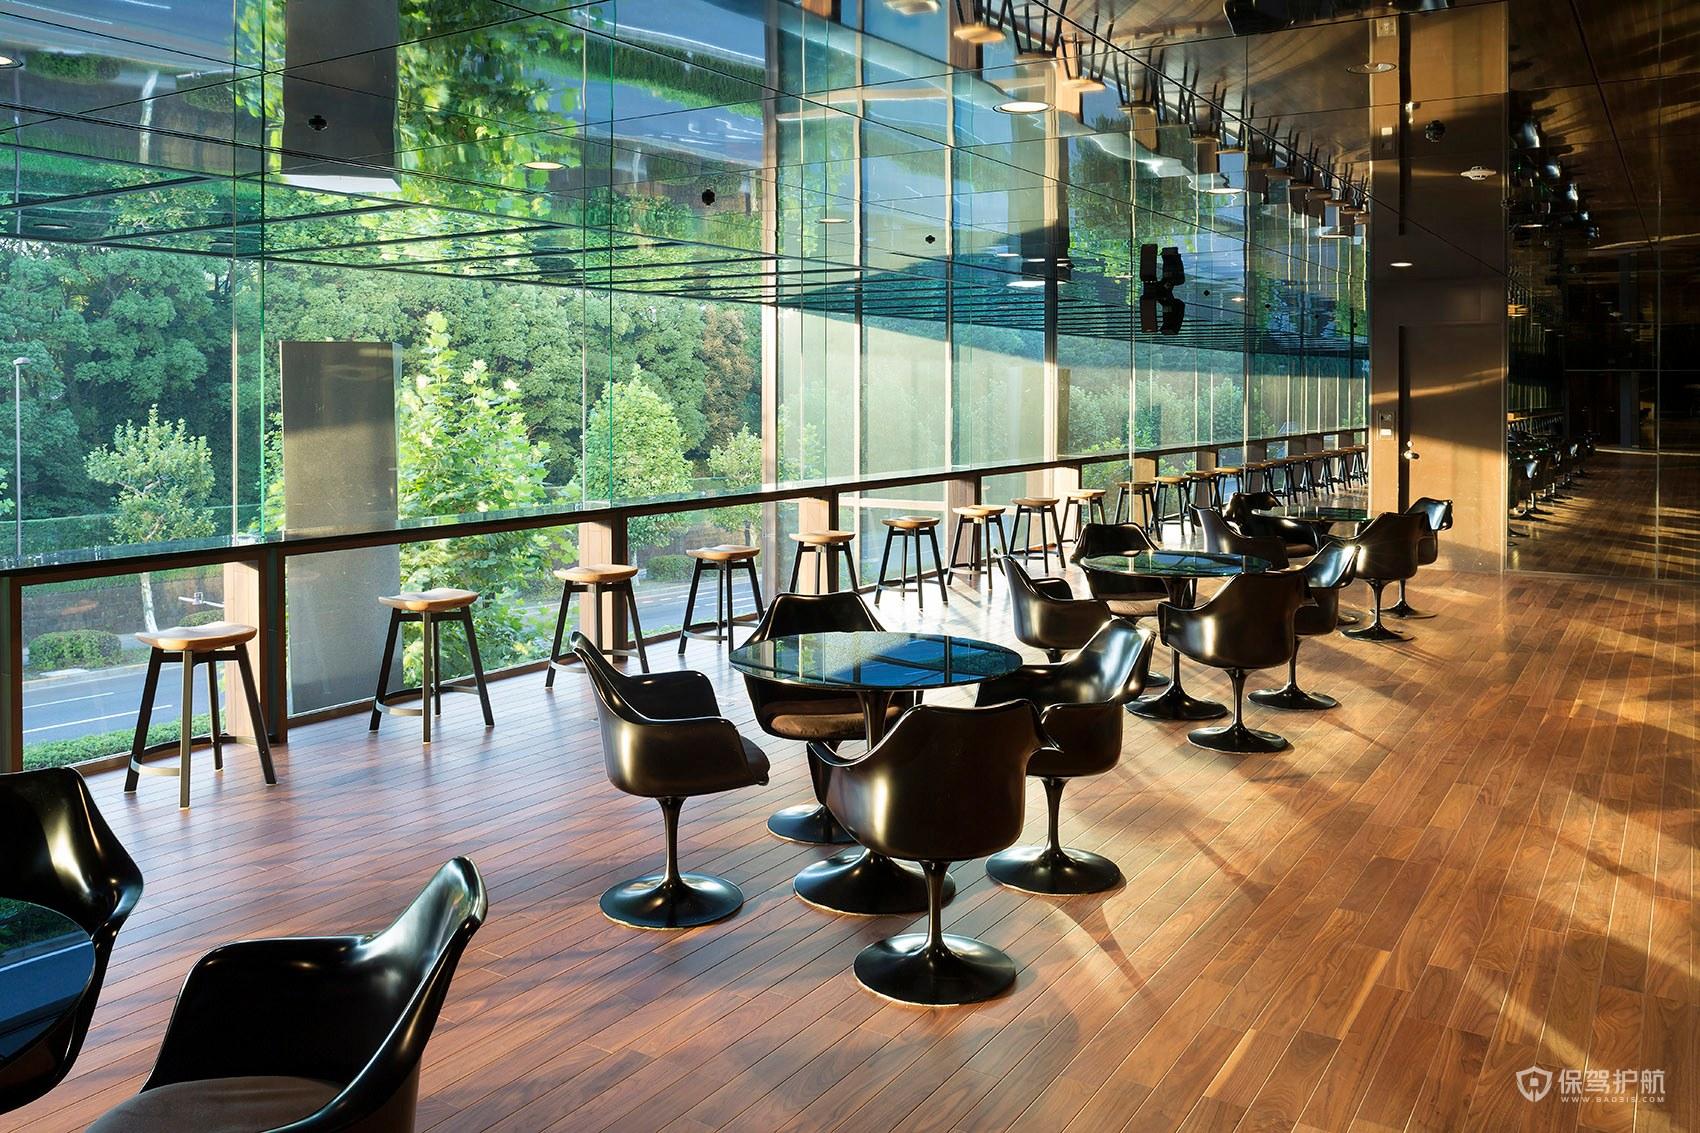 大气奢华咖啡馆窗边布景效果